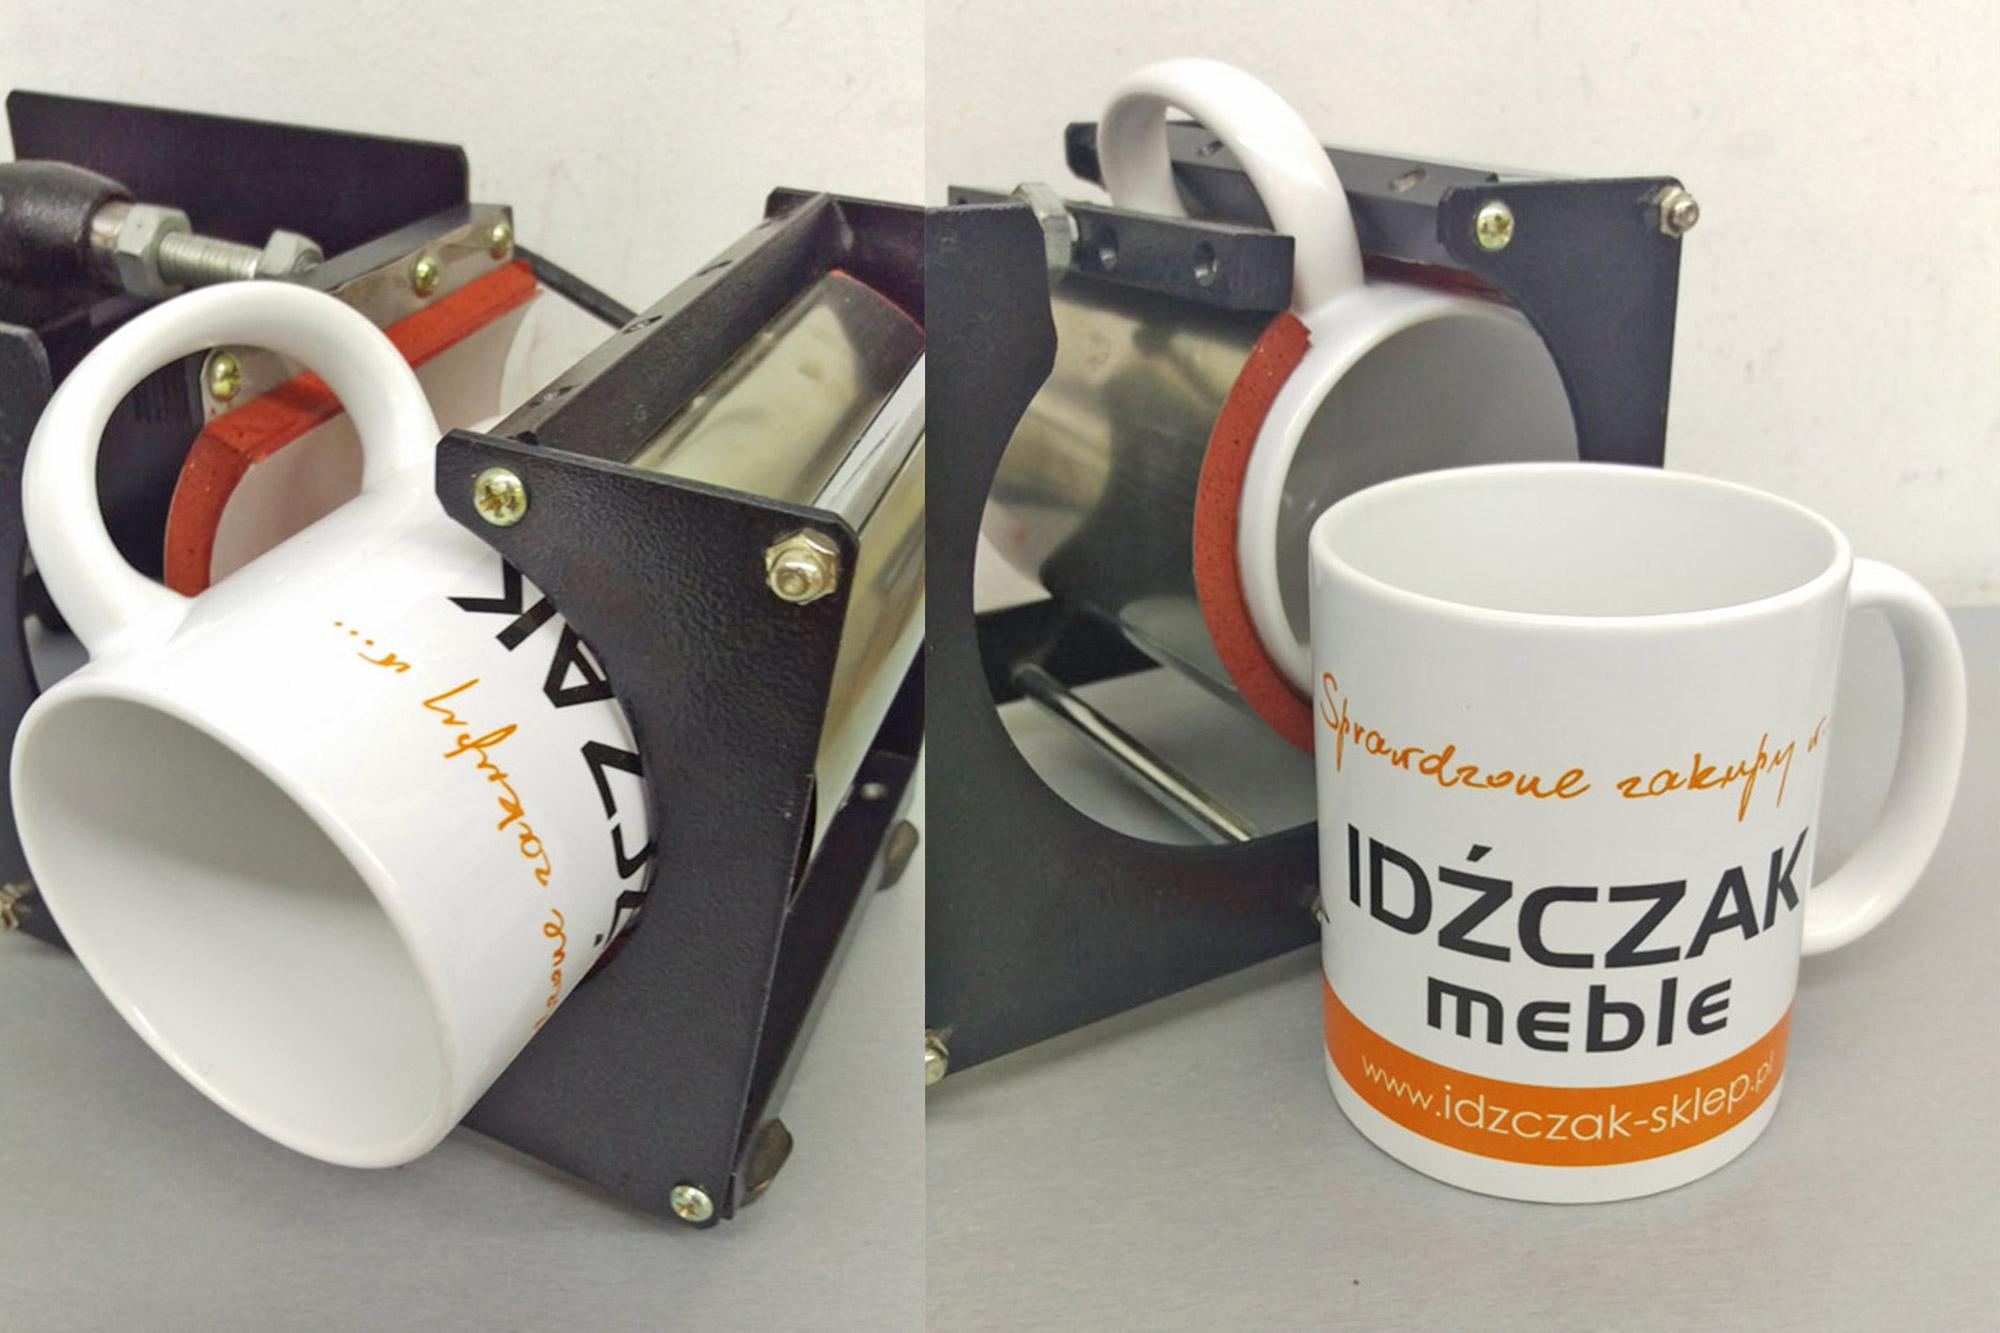 Ceramiczne kubki firmowe w pełni do zadrukowania